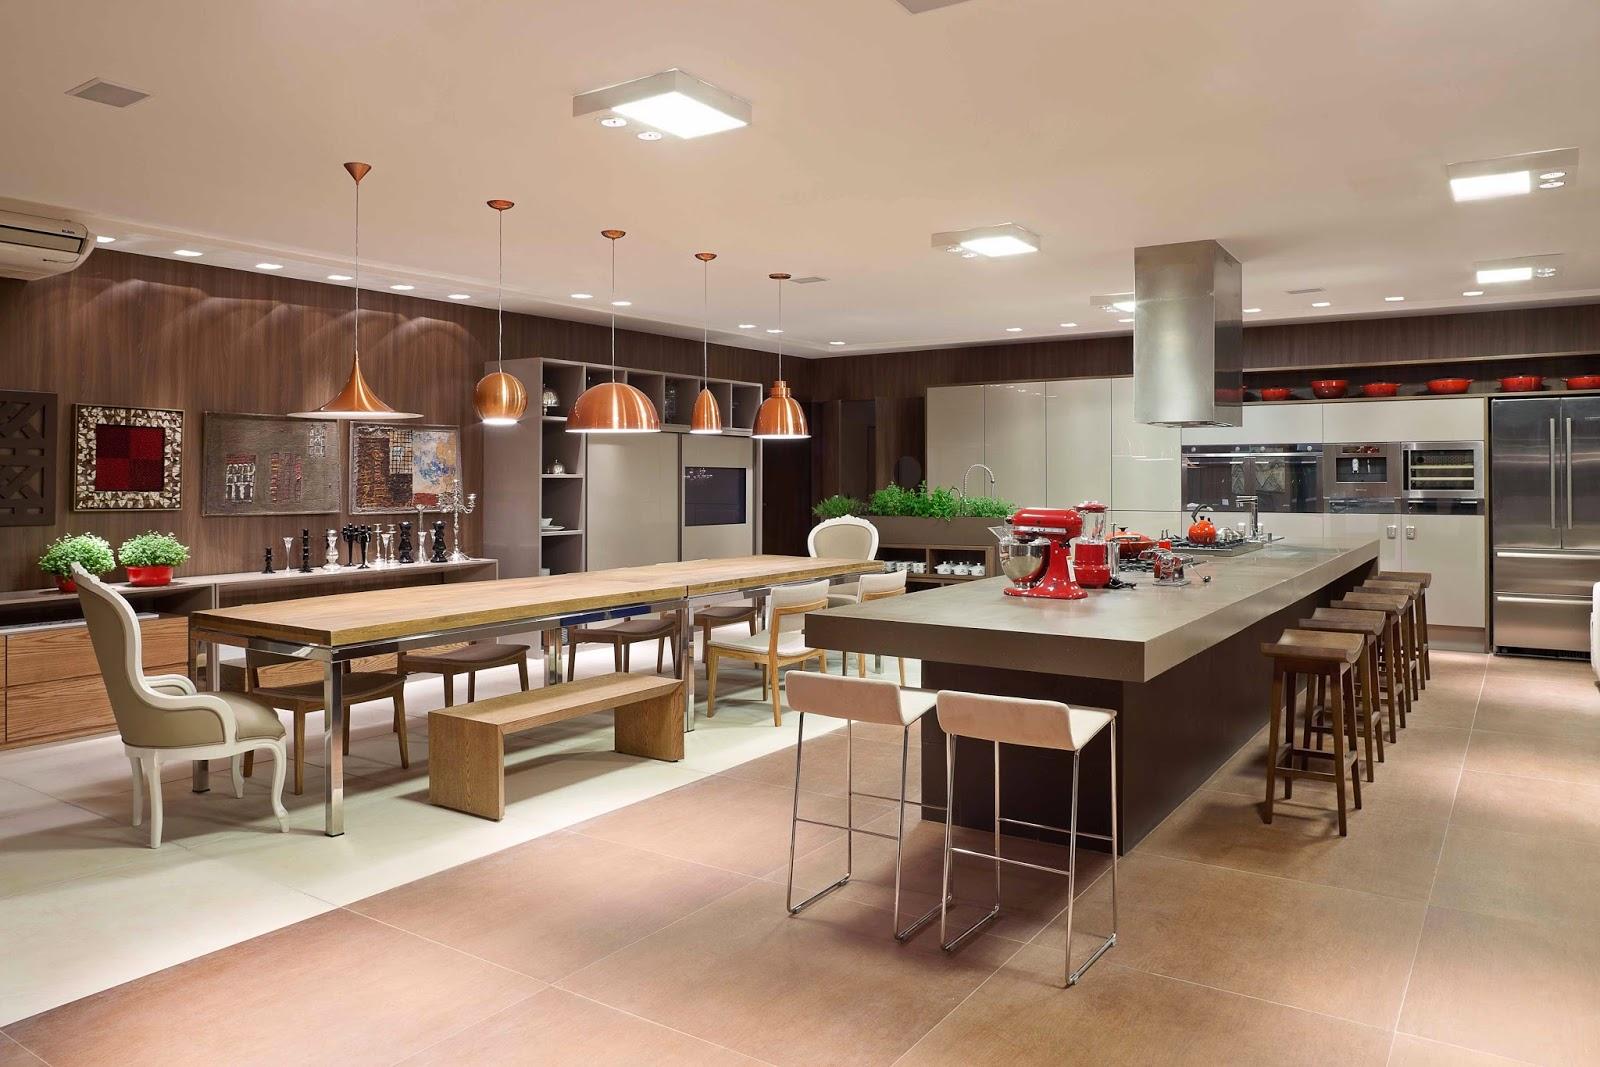 20 Cozinhas Modernas e Sofisticadas – Inspire se! Decor Salteado  #A72C24 1600 1067